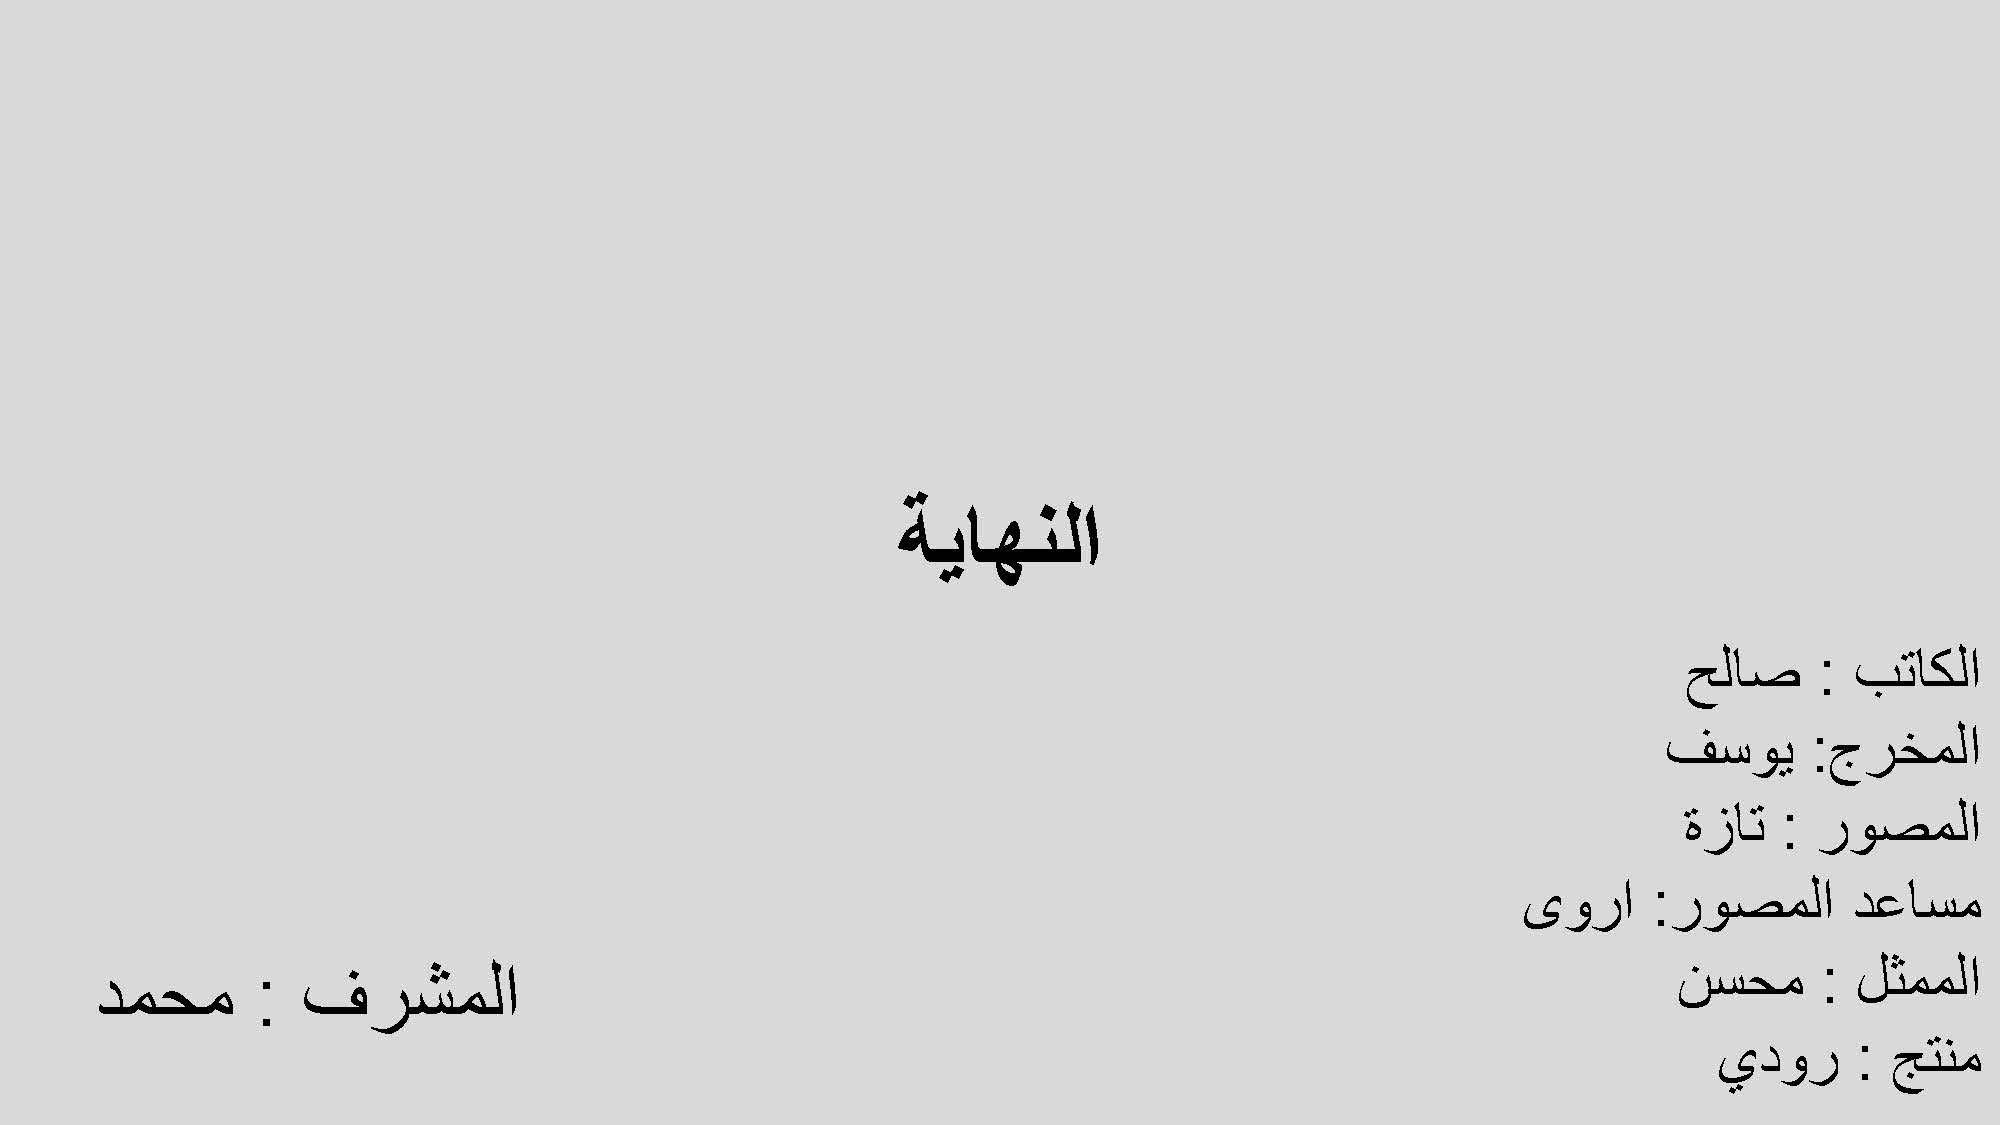 قصة_Page_11.jpg